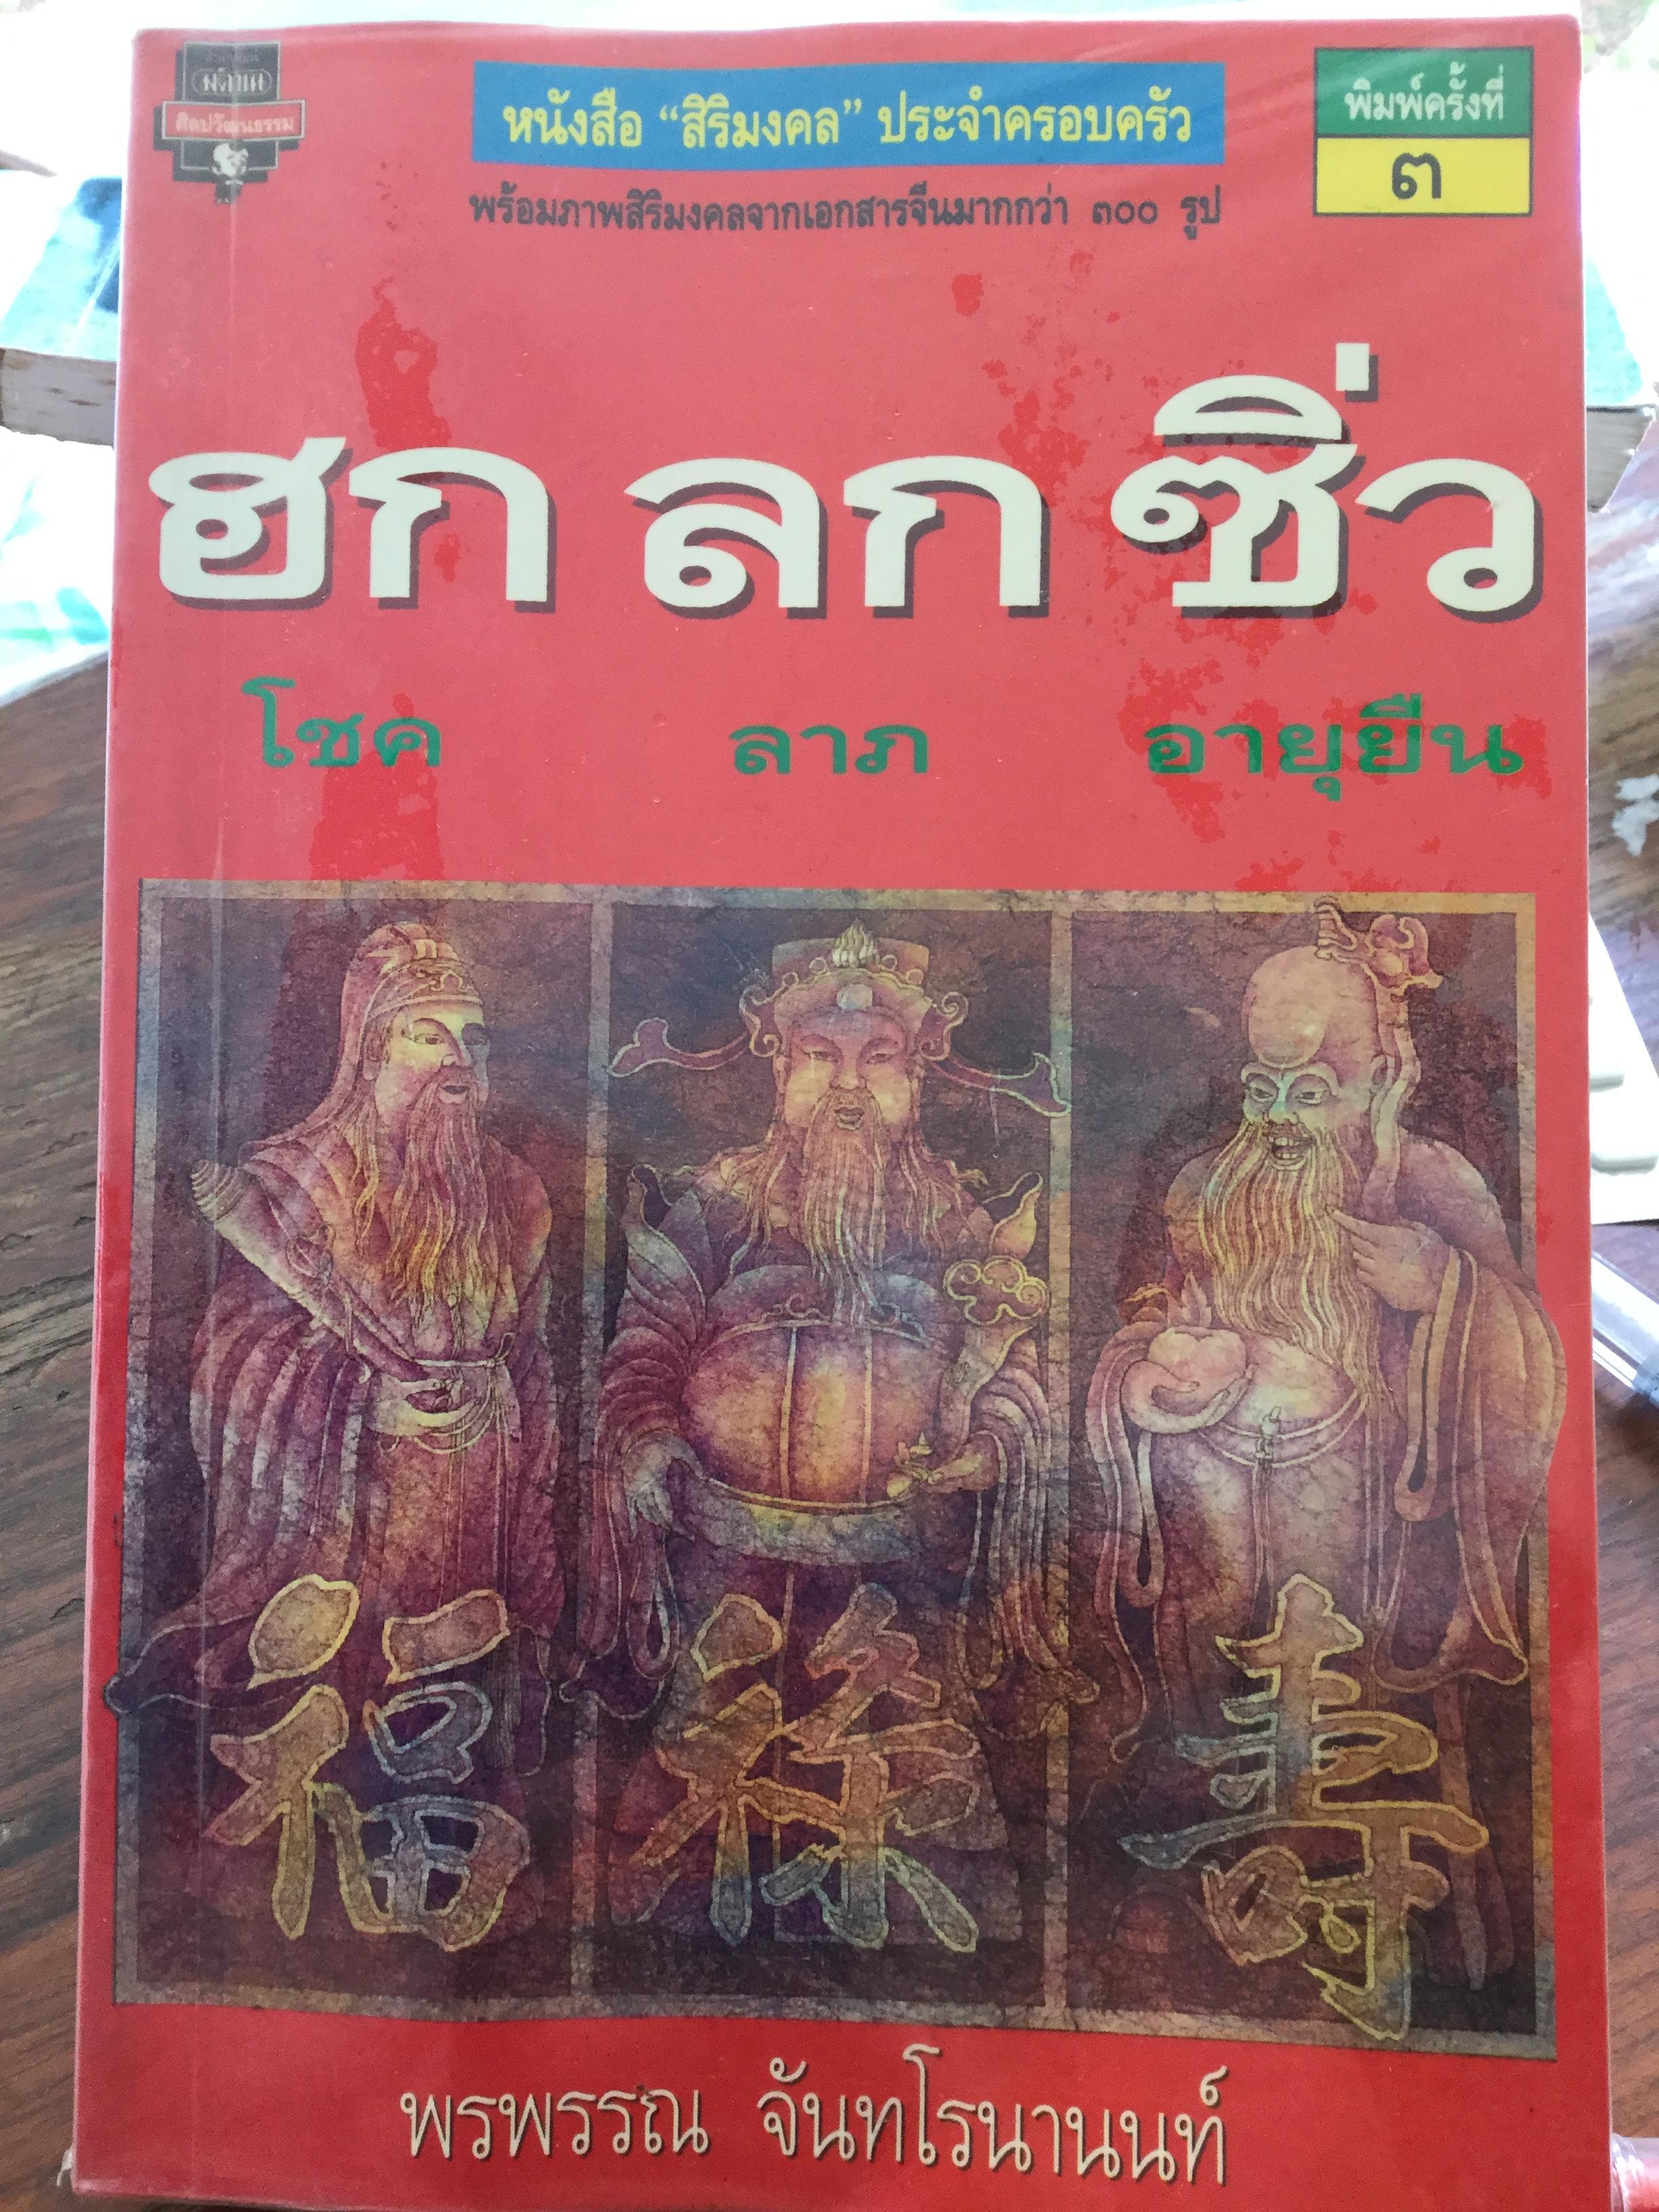 ฮก ลด ซิ่ว โชค ลาภ อายุยืน. เป็นหนังสือ สิริมงคล ประจำครอบครัว พร้อมภาพสิริมงคลจากเอกสารจีนมากกว่า 300 รูป